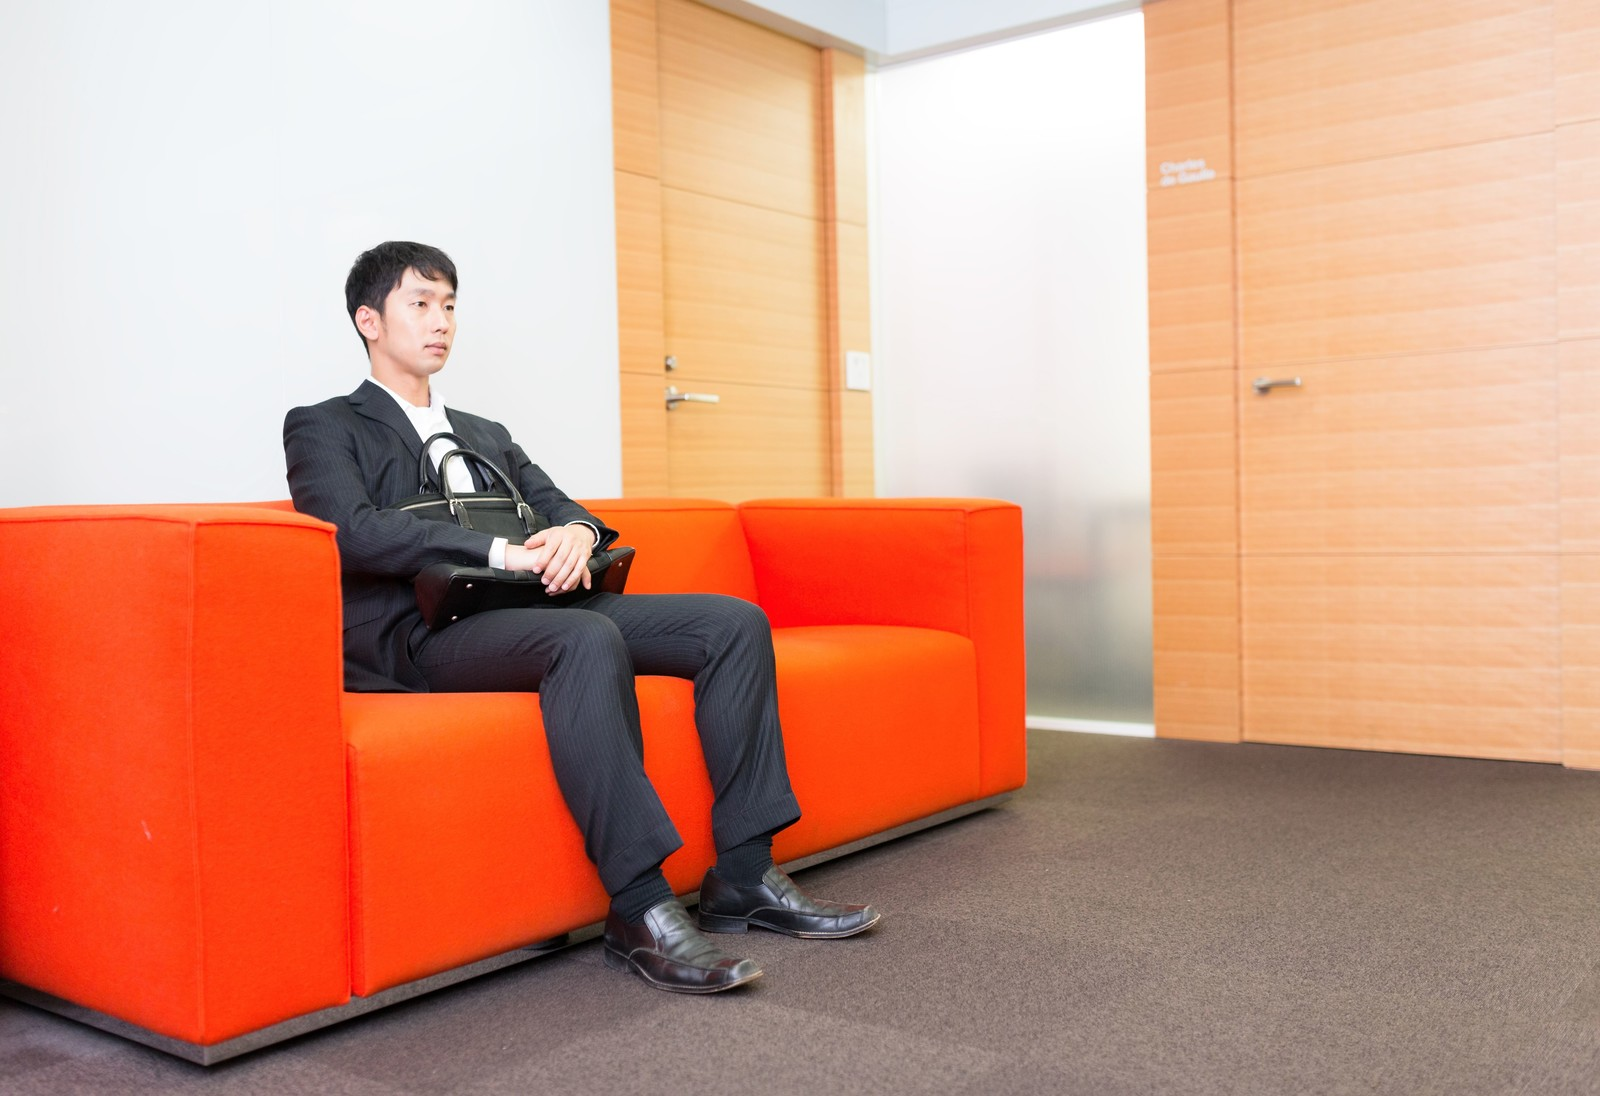 「大事な打ち合わせの前に待合室で緊張する新人営業マン」の写真[モデル:大川竜弥]